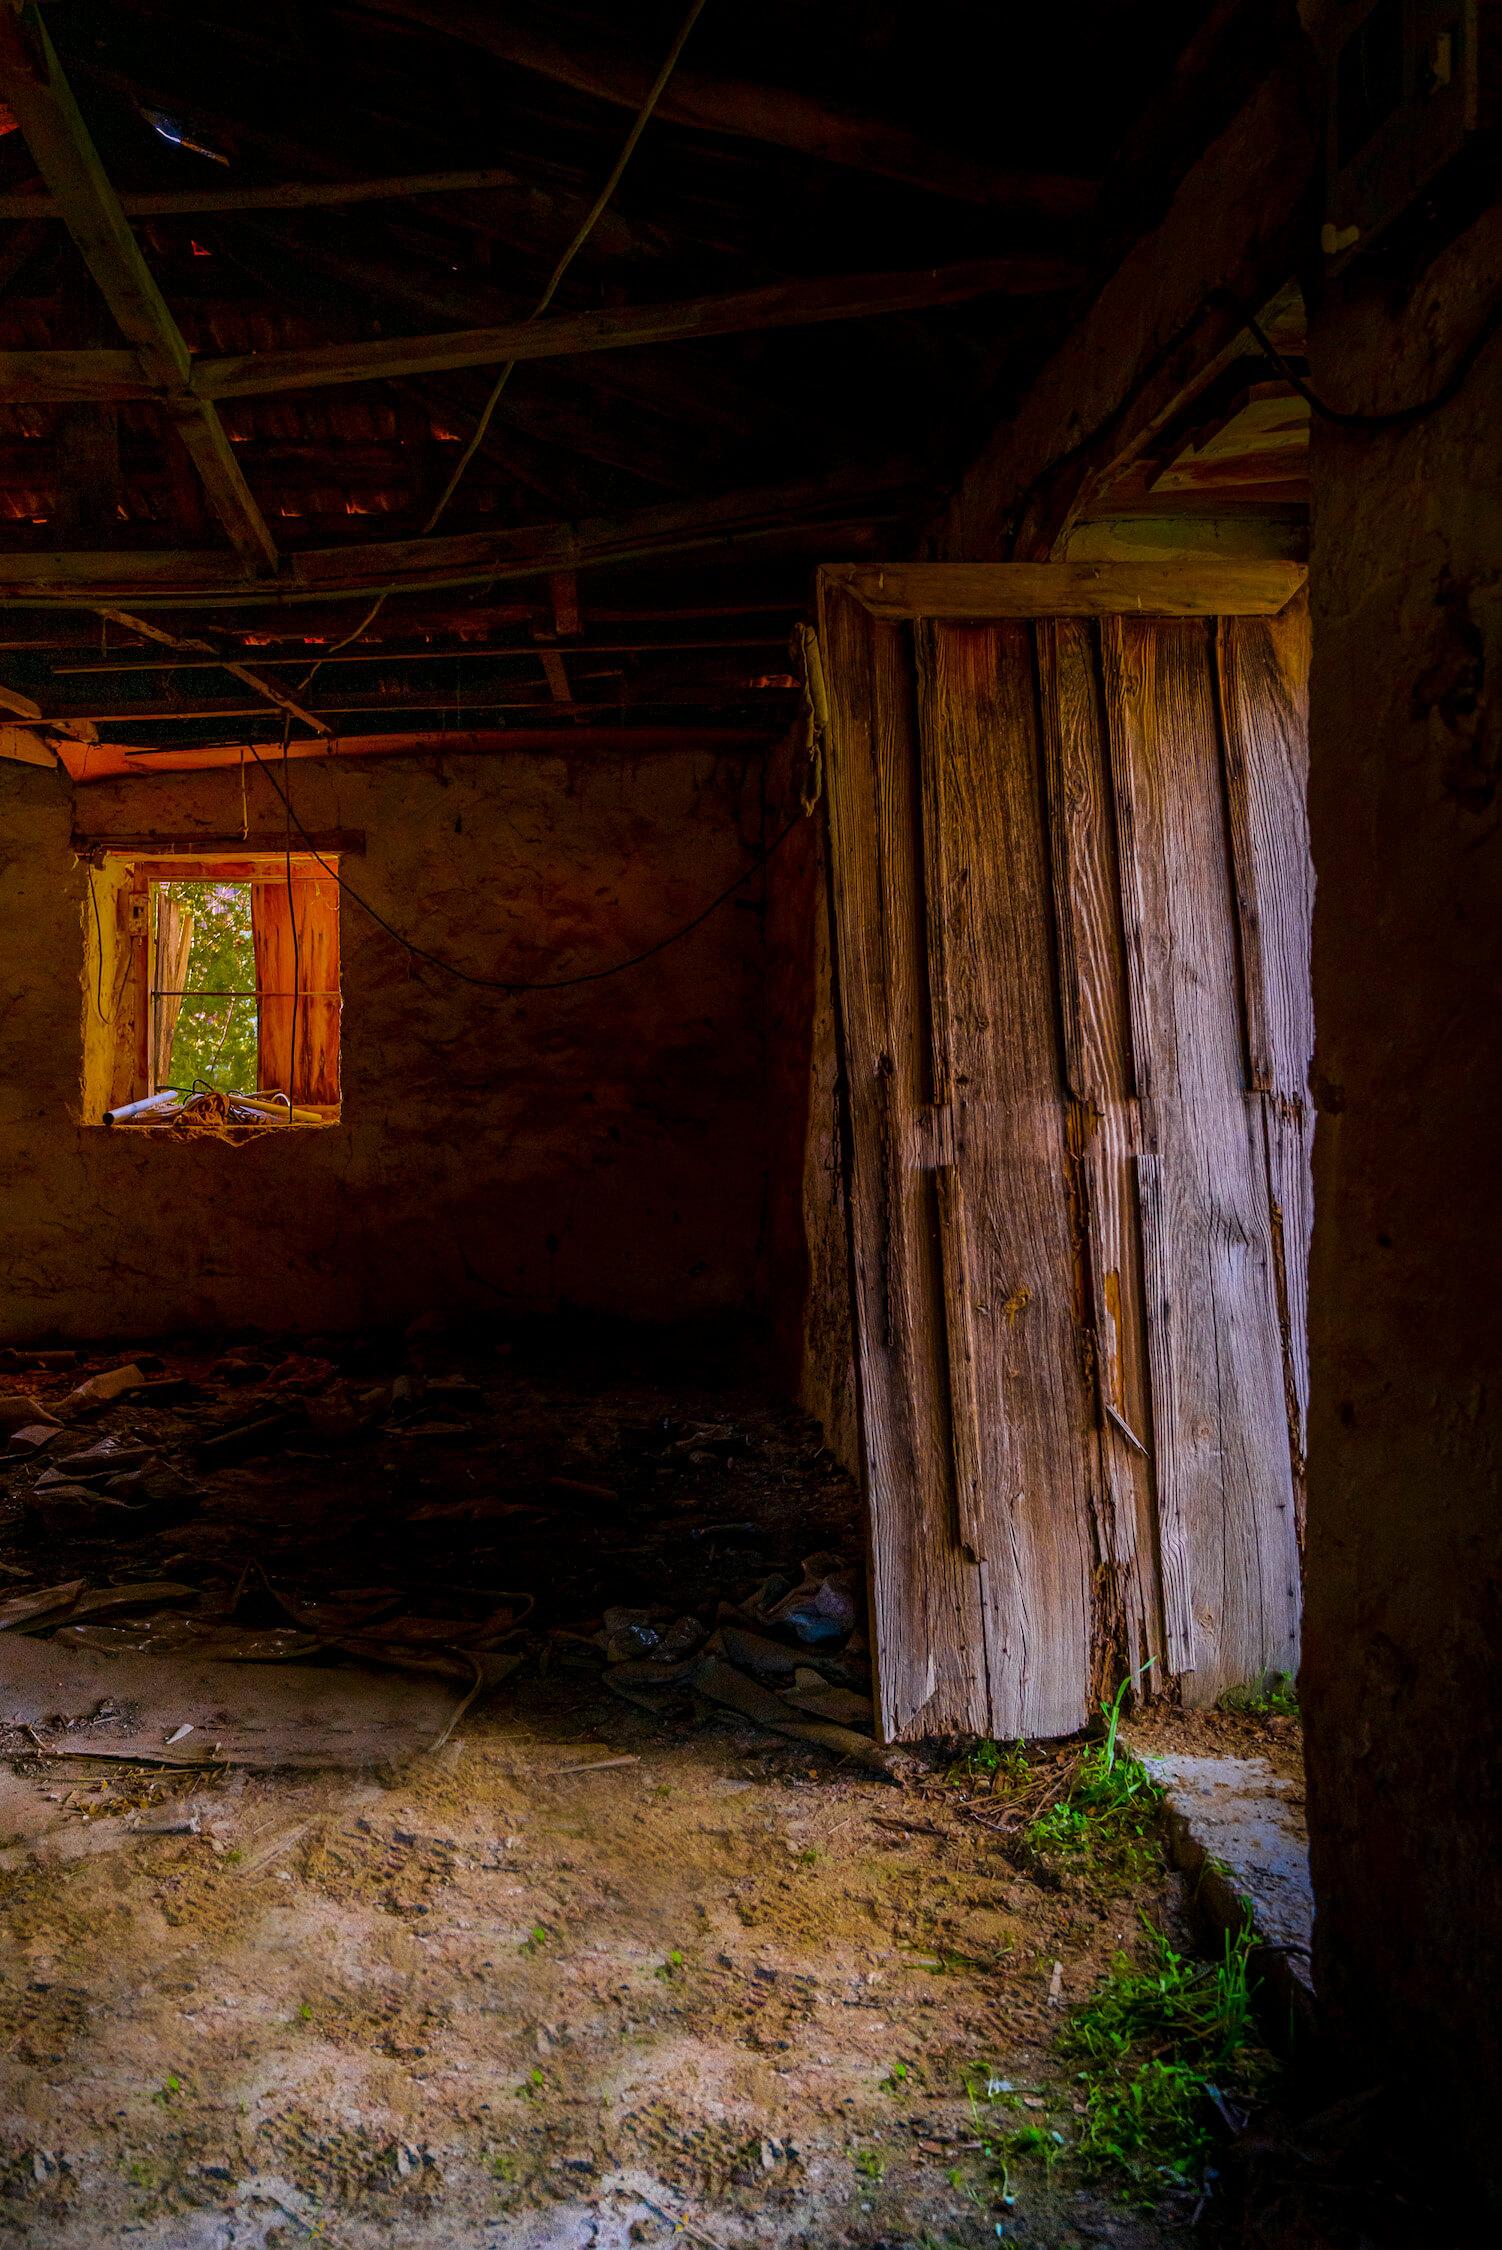 Leaning Door